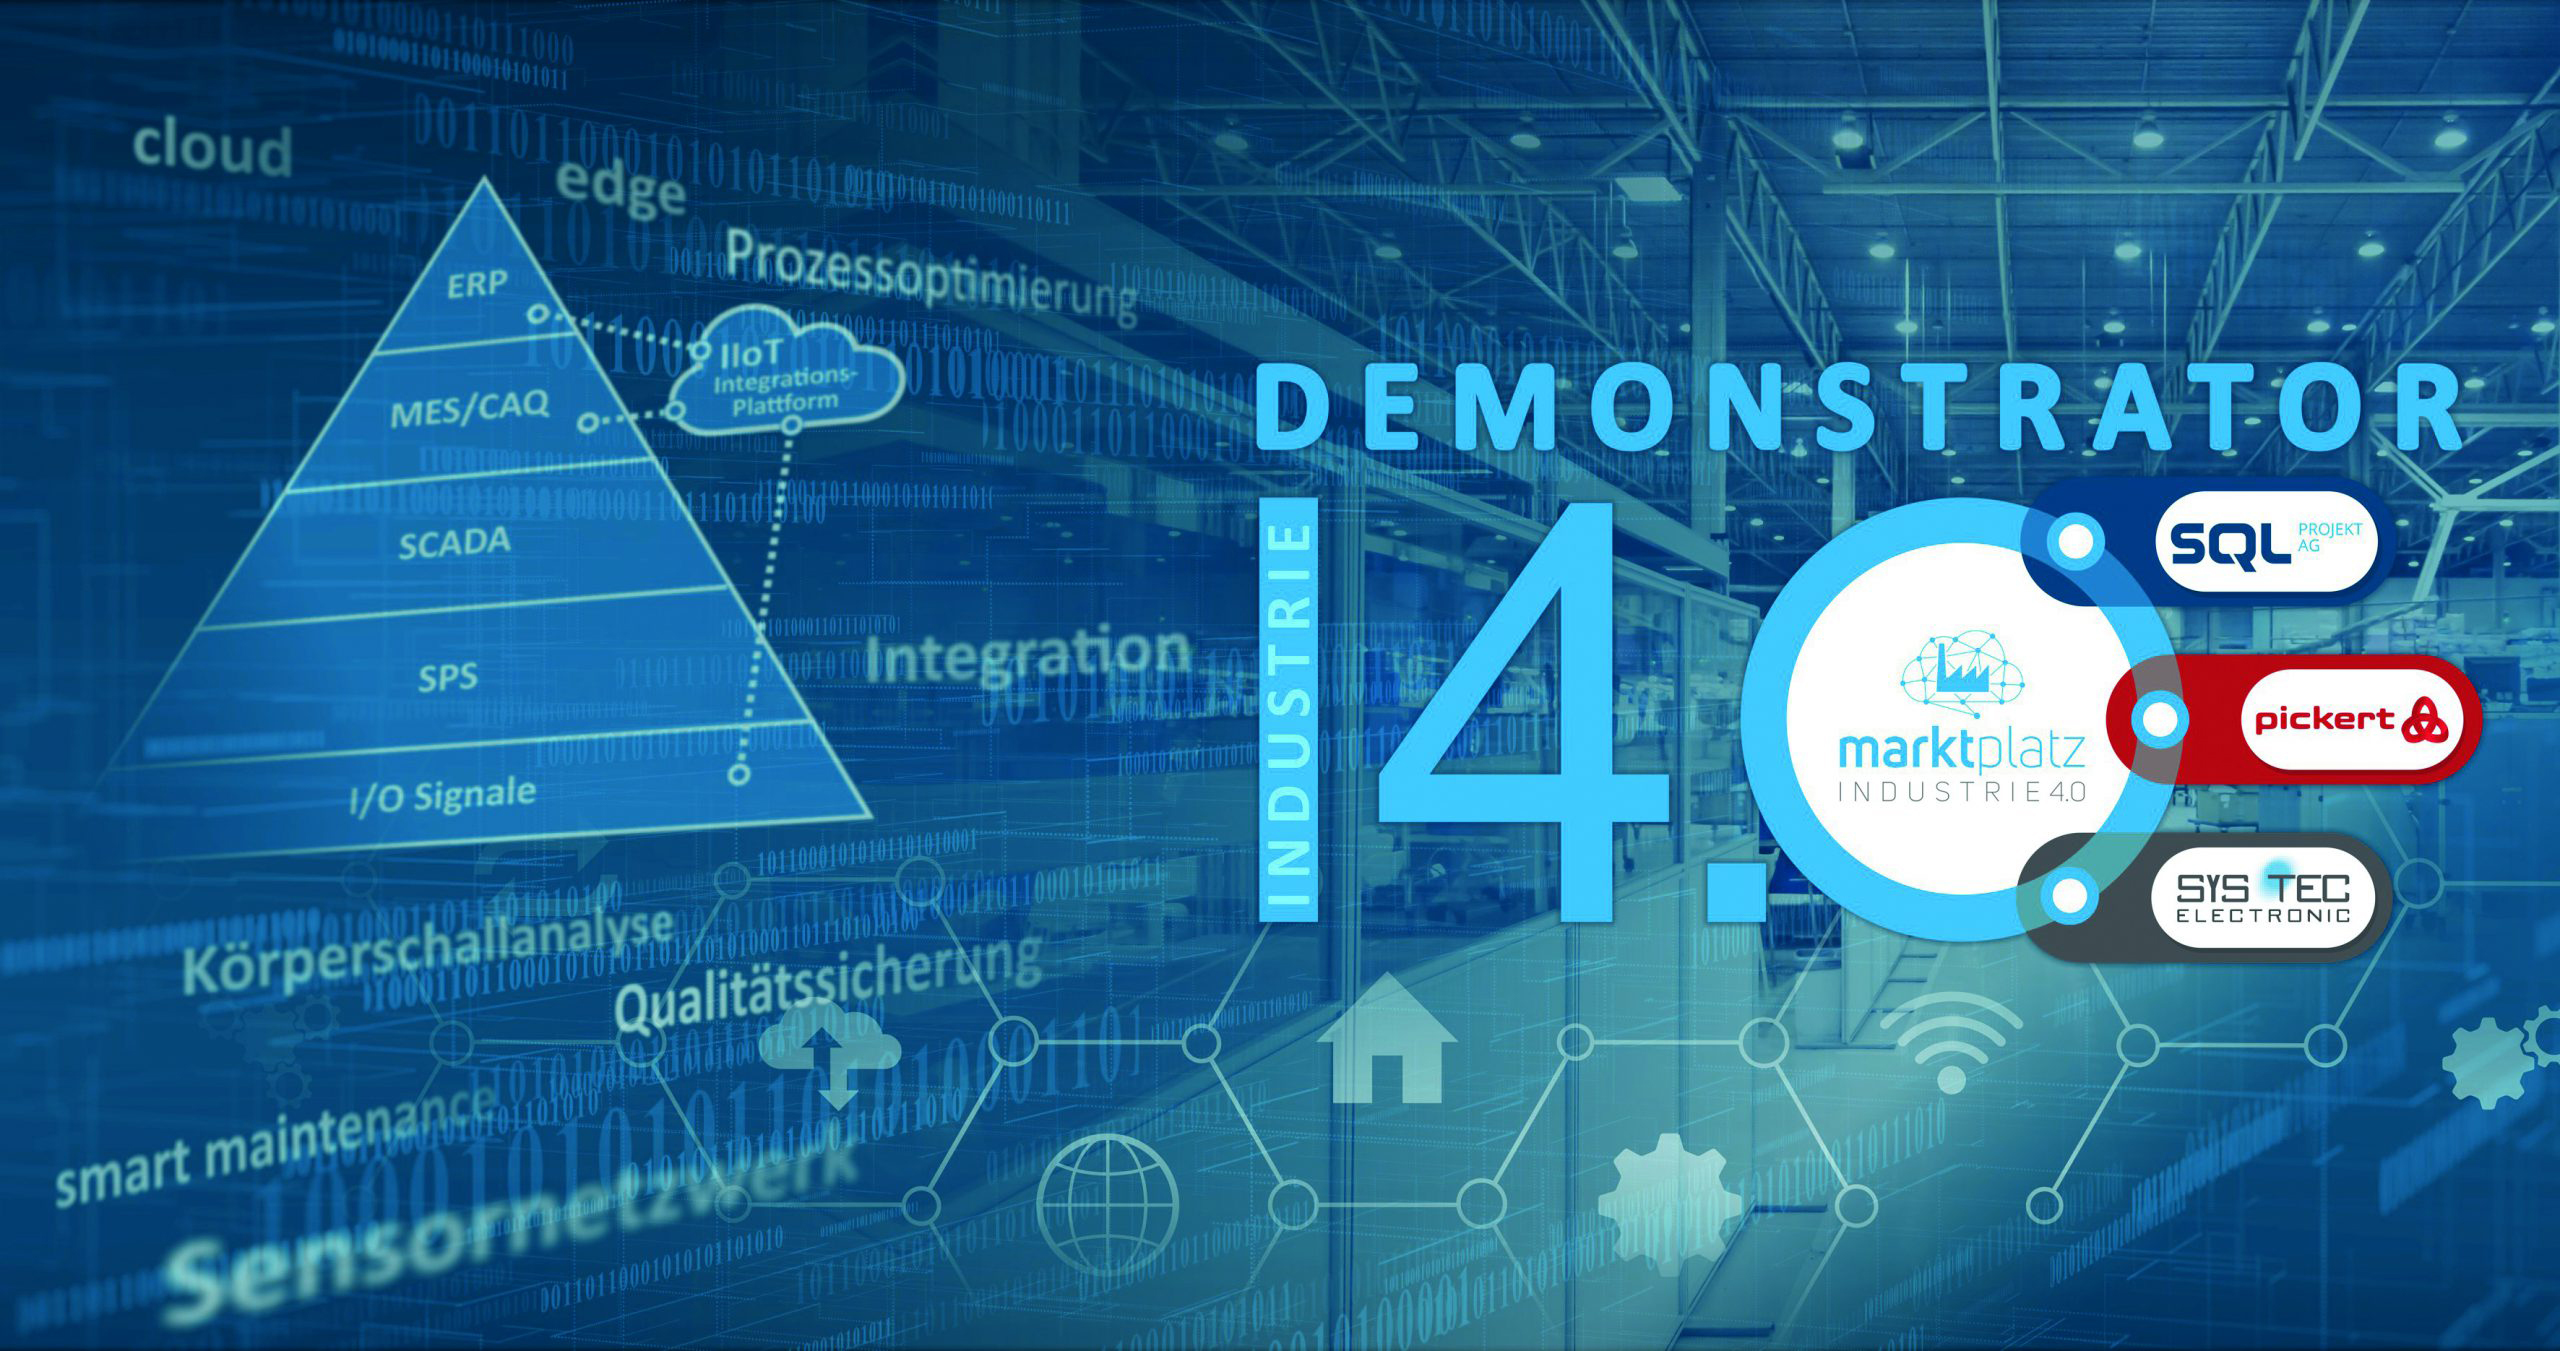 Innerhalb eines Gemeinschaftsprojekts des Marktplatz Industrie 4.0 entwickelten die Unternehmen SQL Projekt, Pickert & Partner und Sys Tec Electronic eine Industrie-4.0-Lösung als Retrofit für Bestandmaschinen. (Bild: Marktplatz Industrie 4.0 e.V.)